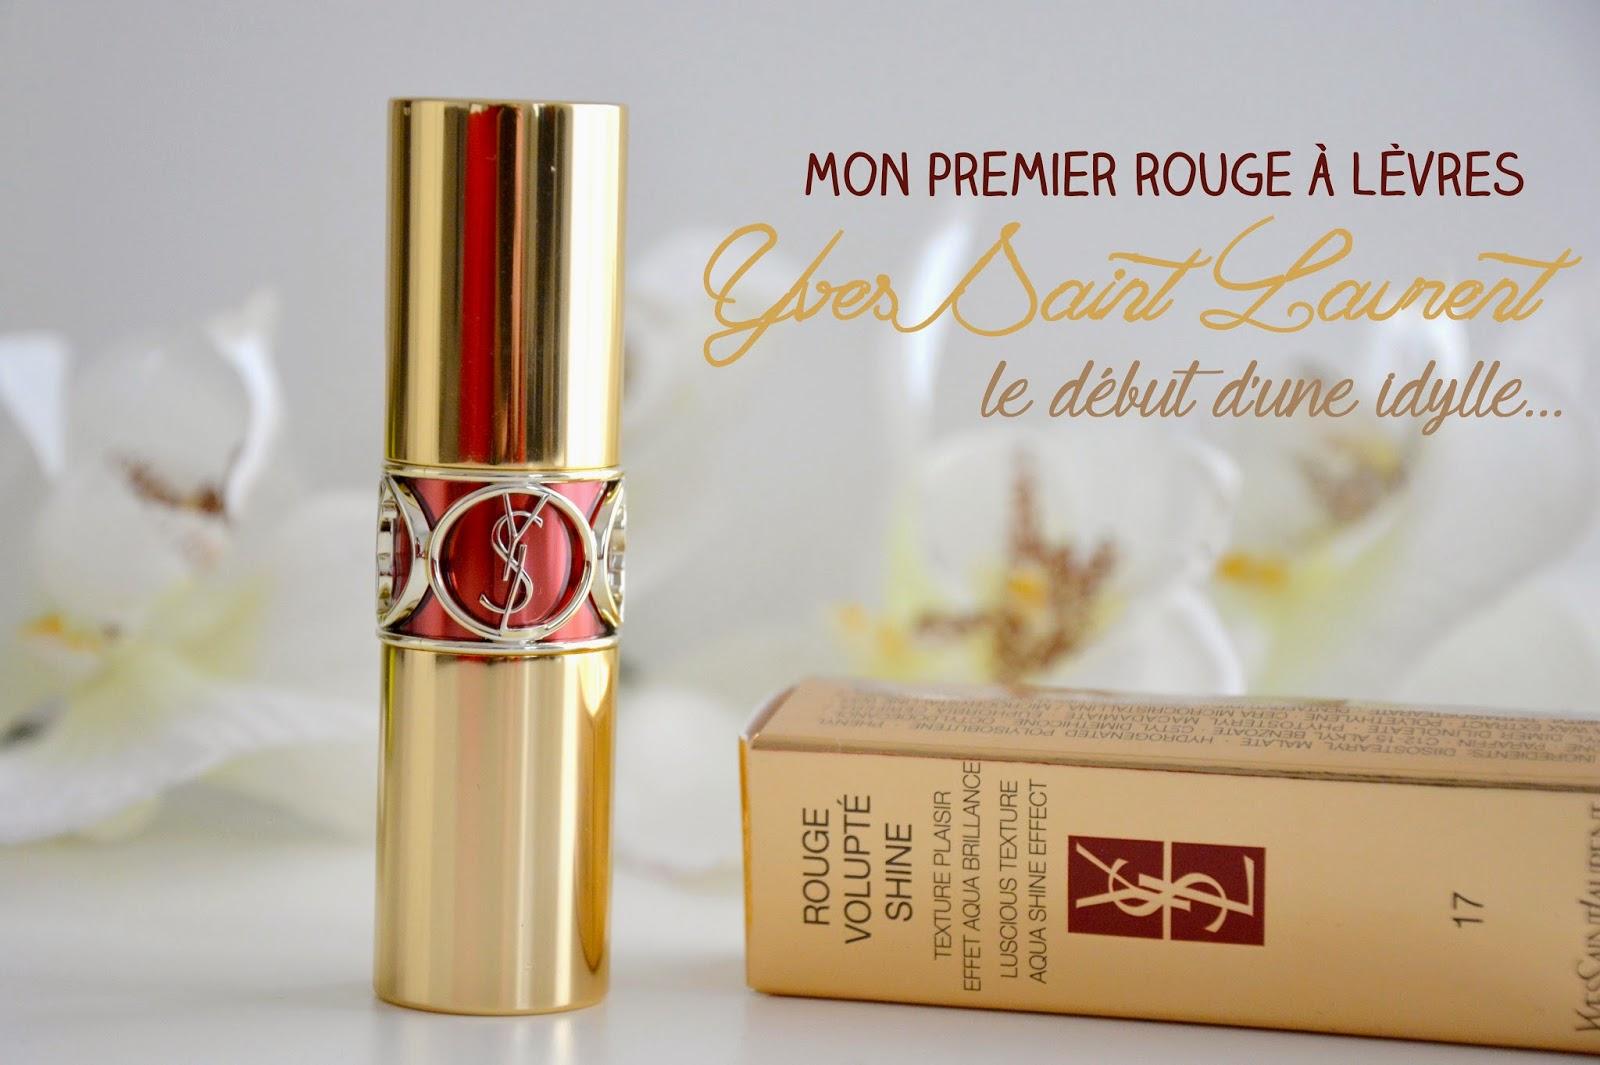 Mon premier rouge à lèvres Yves Saint Laurent